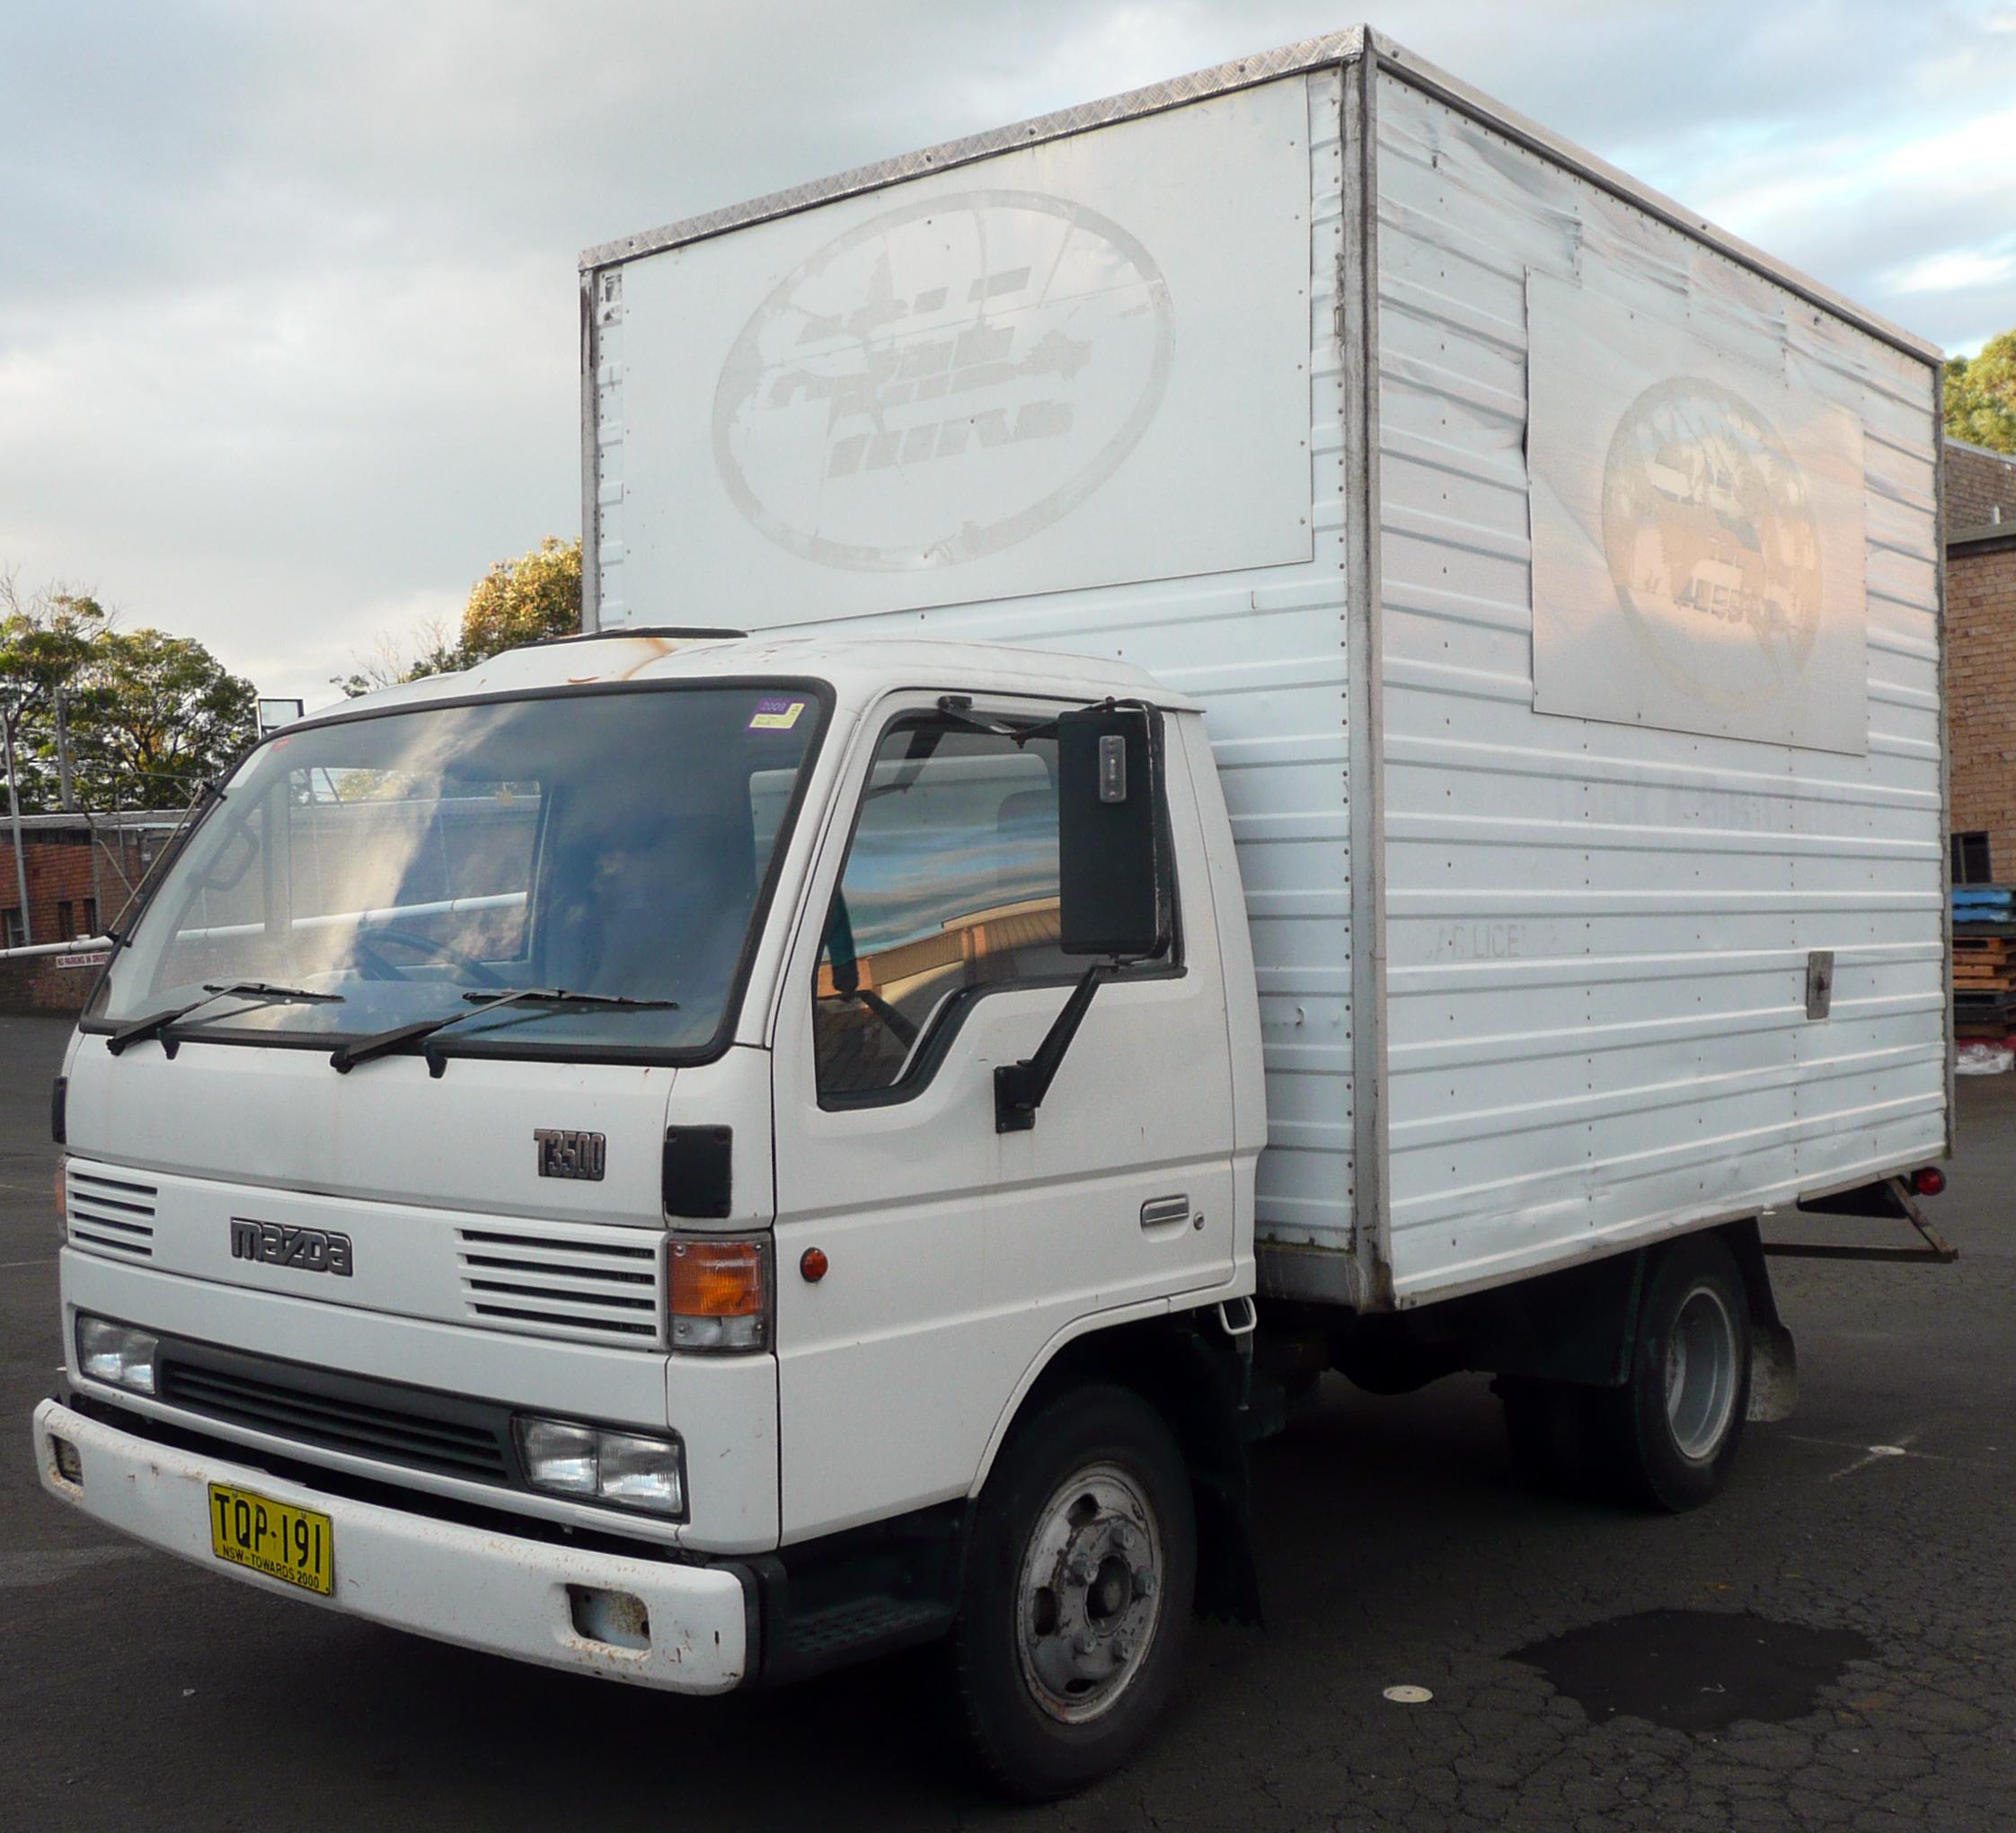 File:1995 Mazda T3500 2-door truck (2009-06-07)